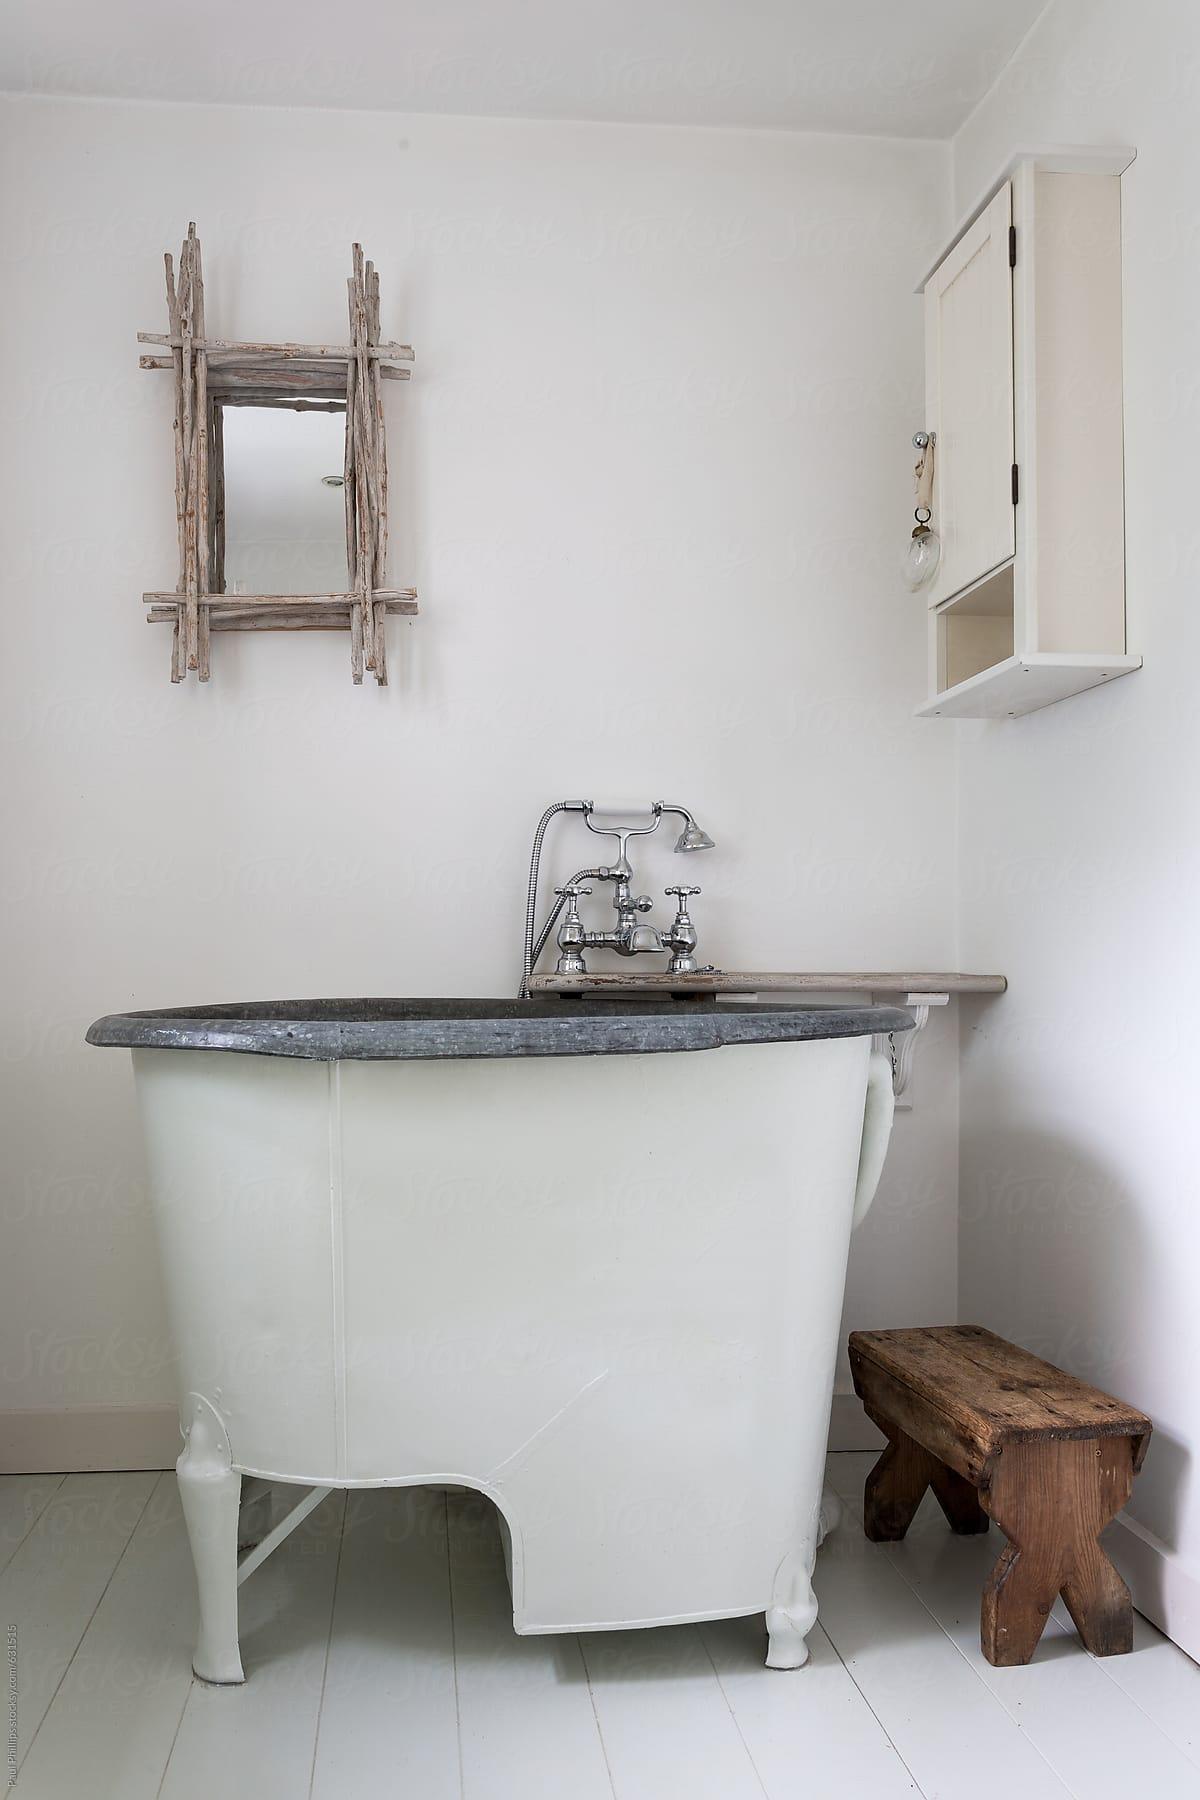 Antique Tin Tub In A Bathroom Setting | Stocksy United